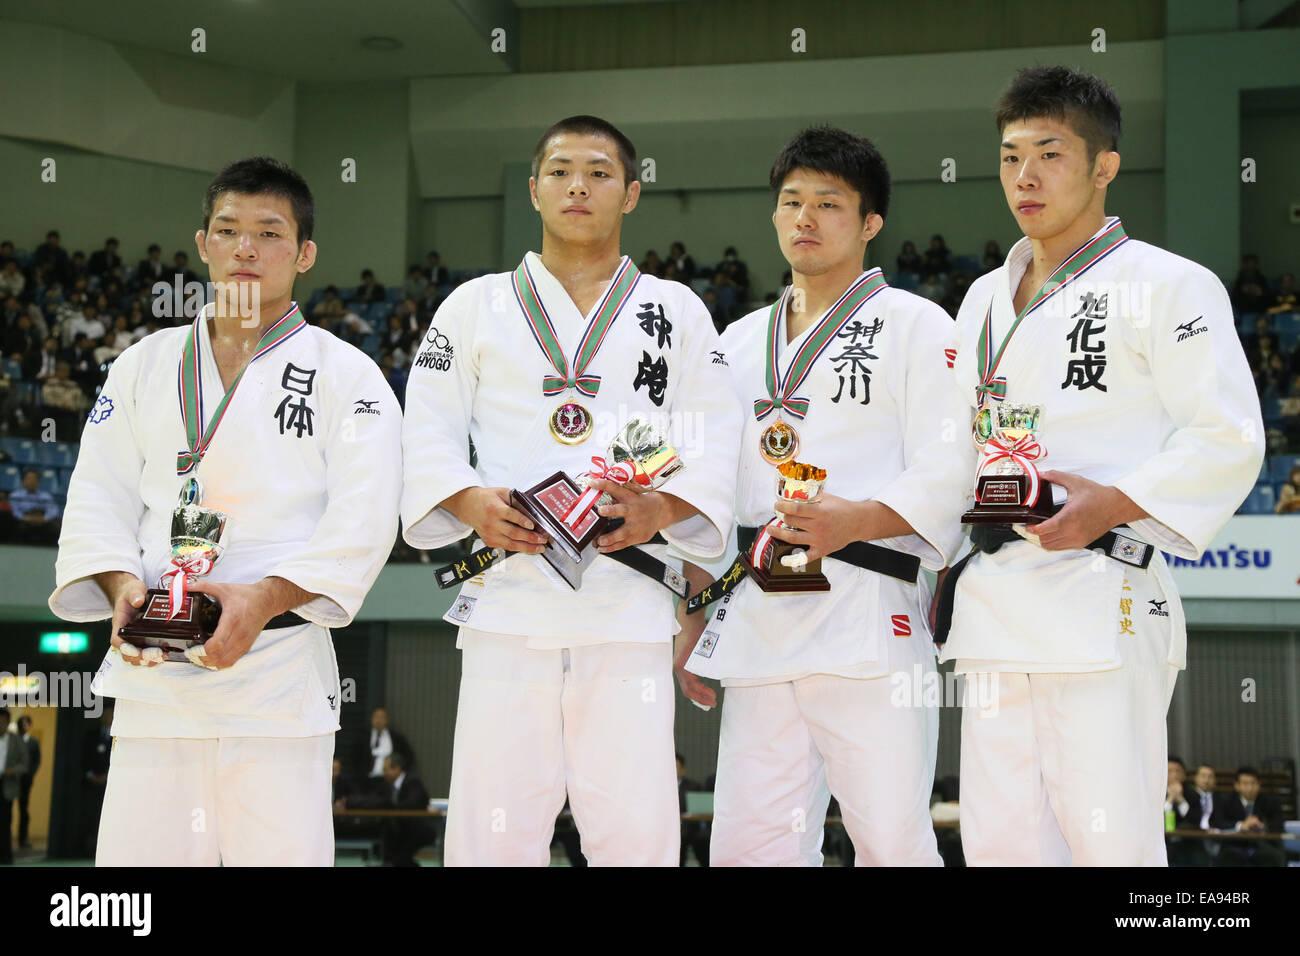 Chiba Port Arena, Chiba, Japan. 8th Nov, 2014. (L-R) Yuki Nishiyama, Hifumi Abe, Yuito Yoshida, Tomofumi Takajo, Stock Photo